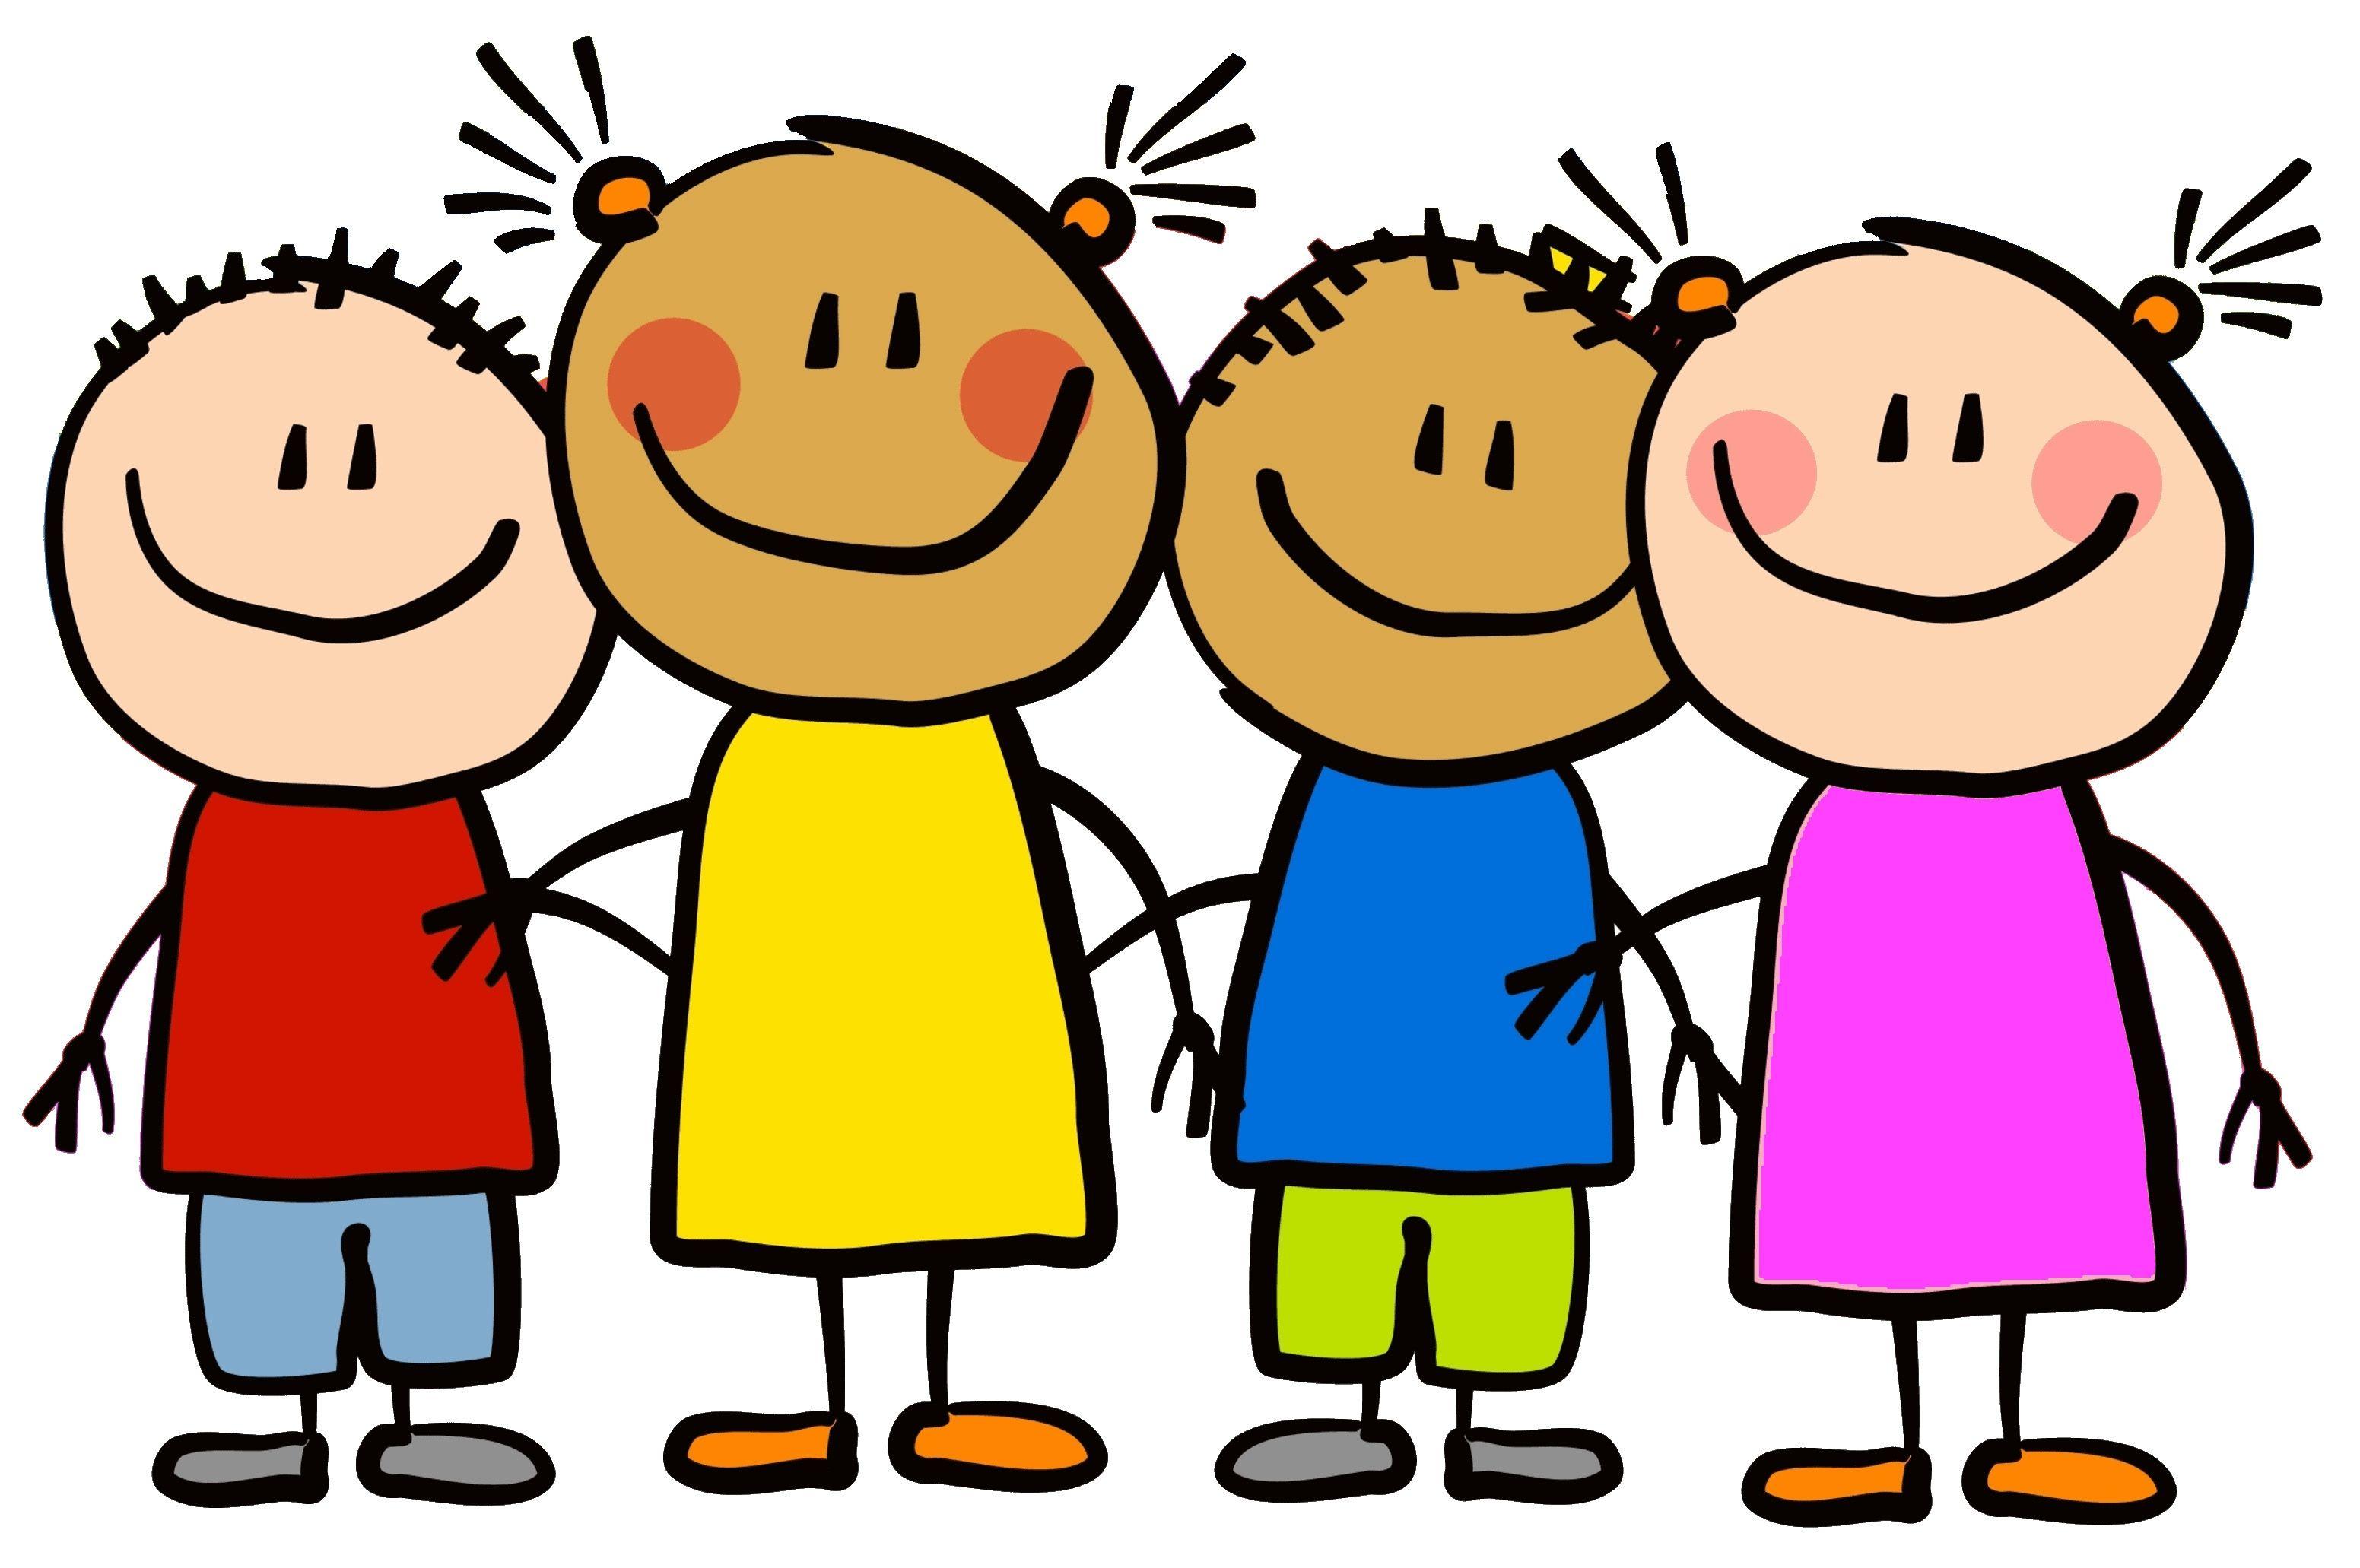 3103x2062 Kindergarten Friends Clipart.jpg Clipart For Cards